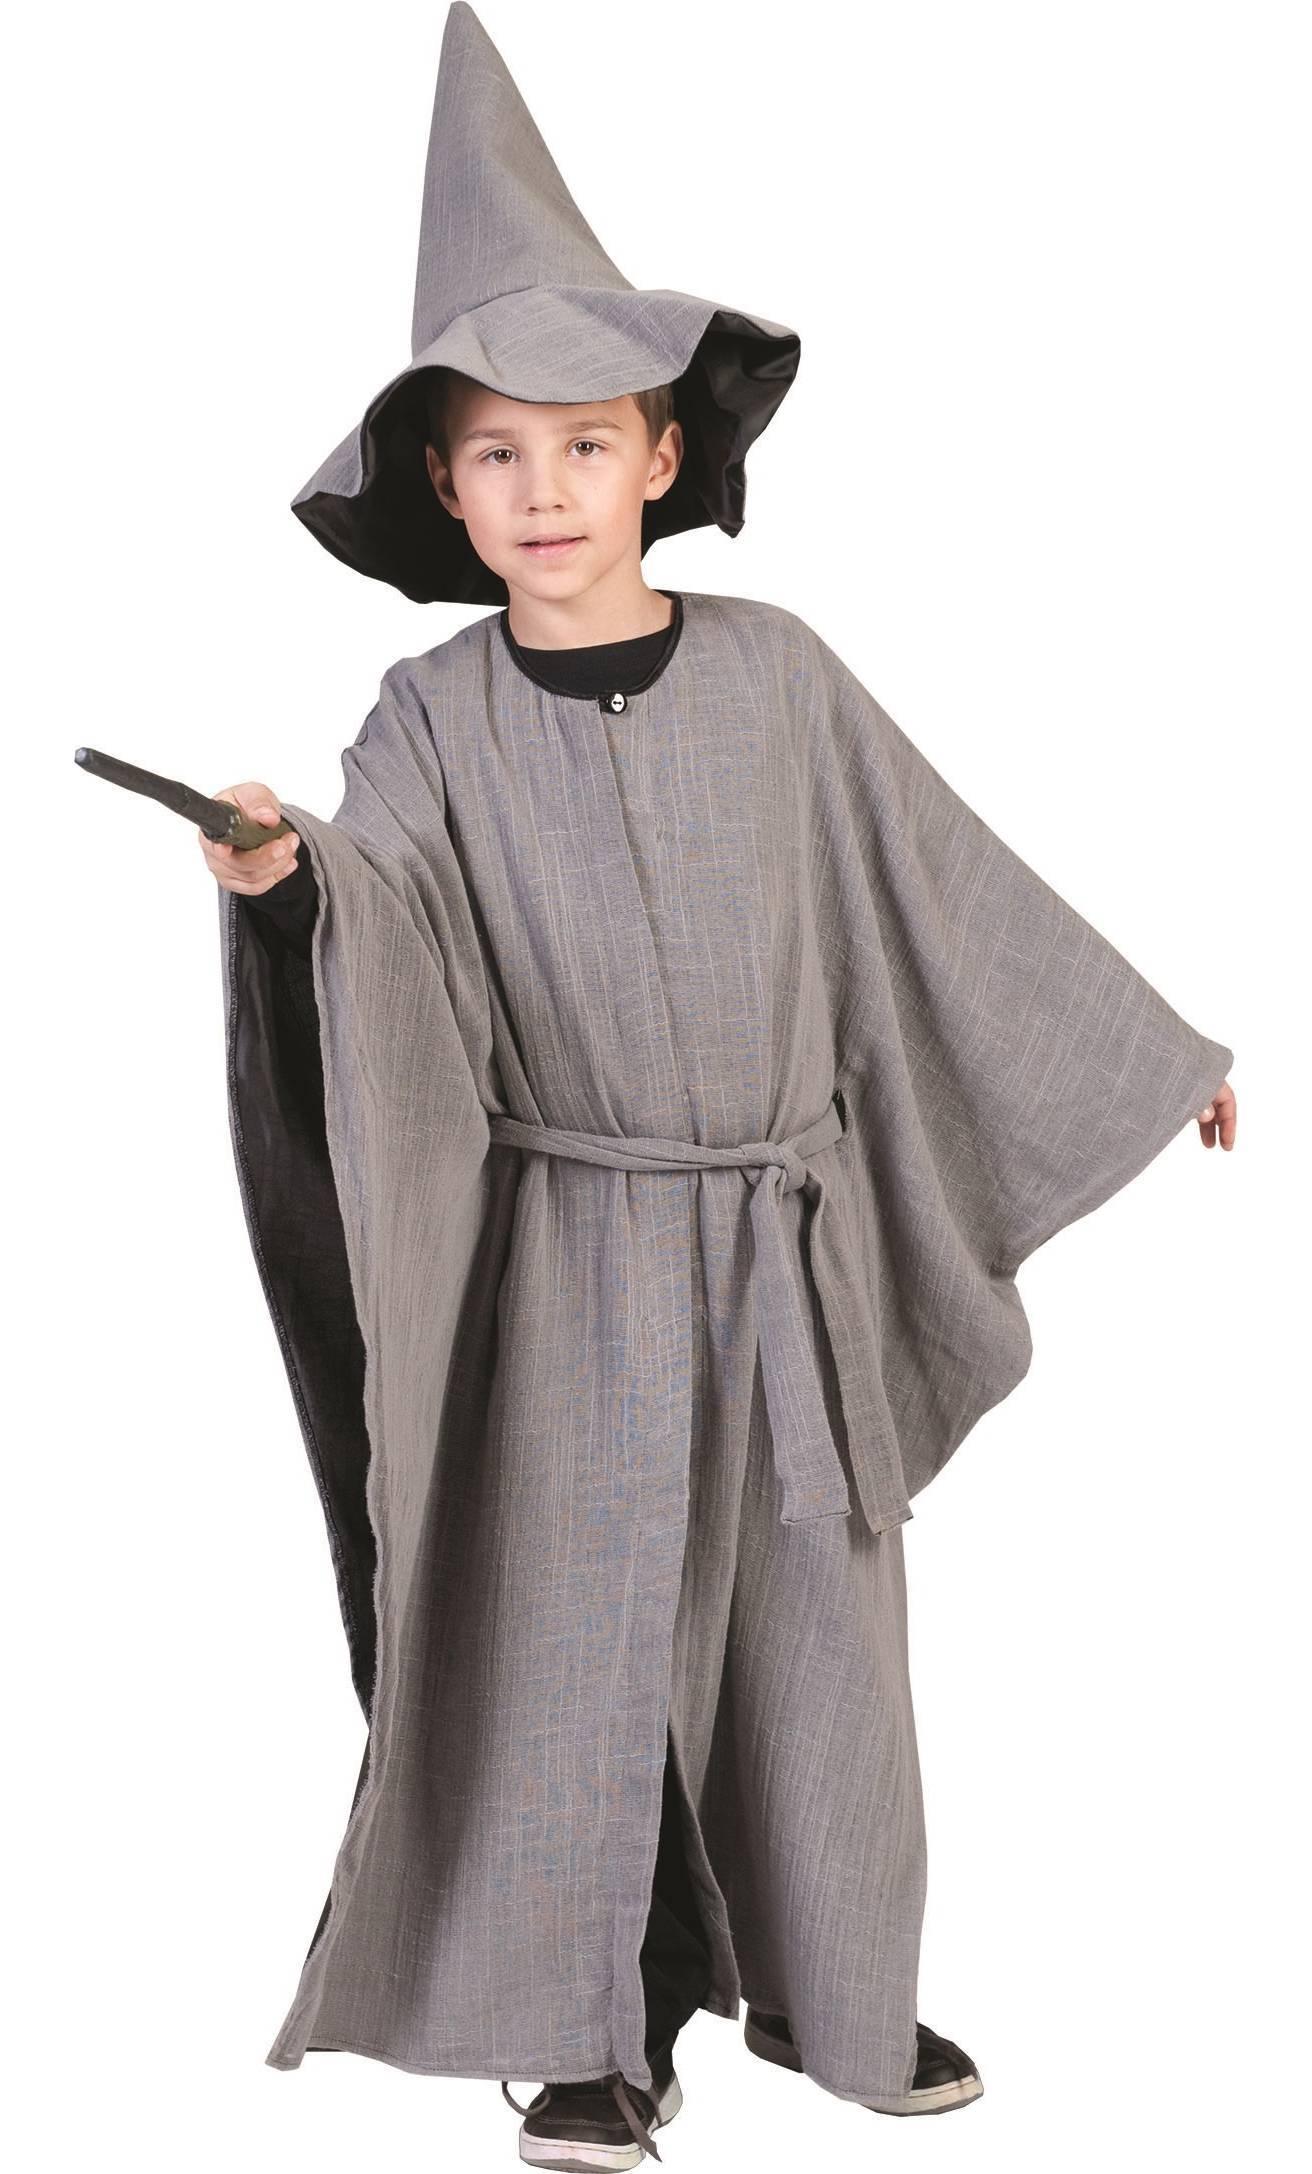 Costume-Sorcier-Enfant